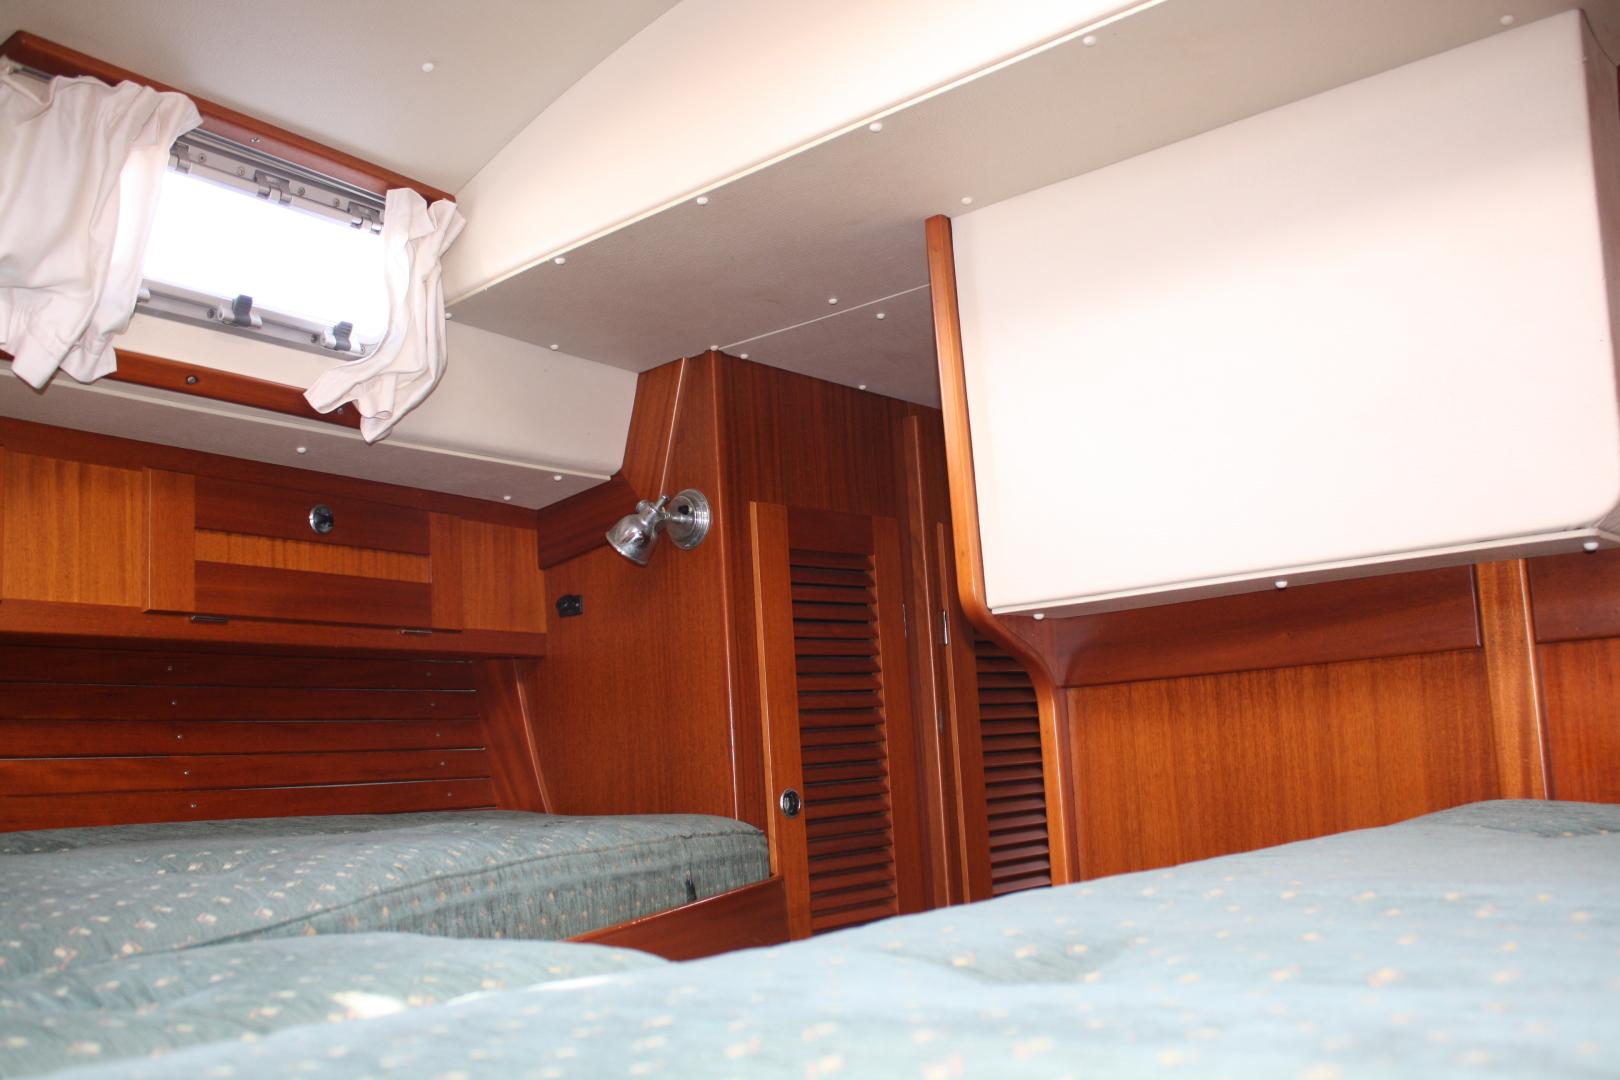 Hallberg-Rassy-36 MKII 2002-Vivace 1 Stuart-Florida-United States-1312699   Thumbnail